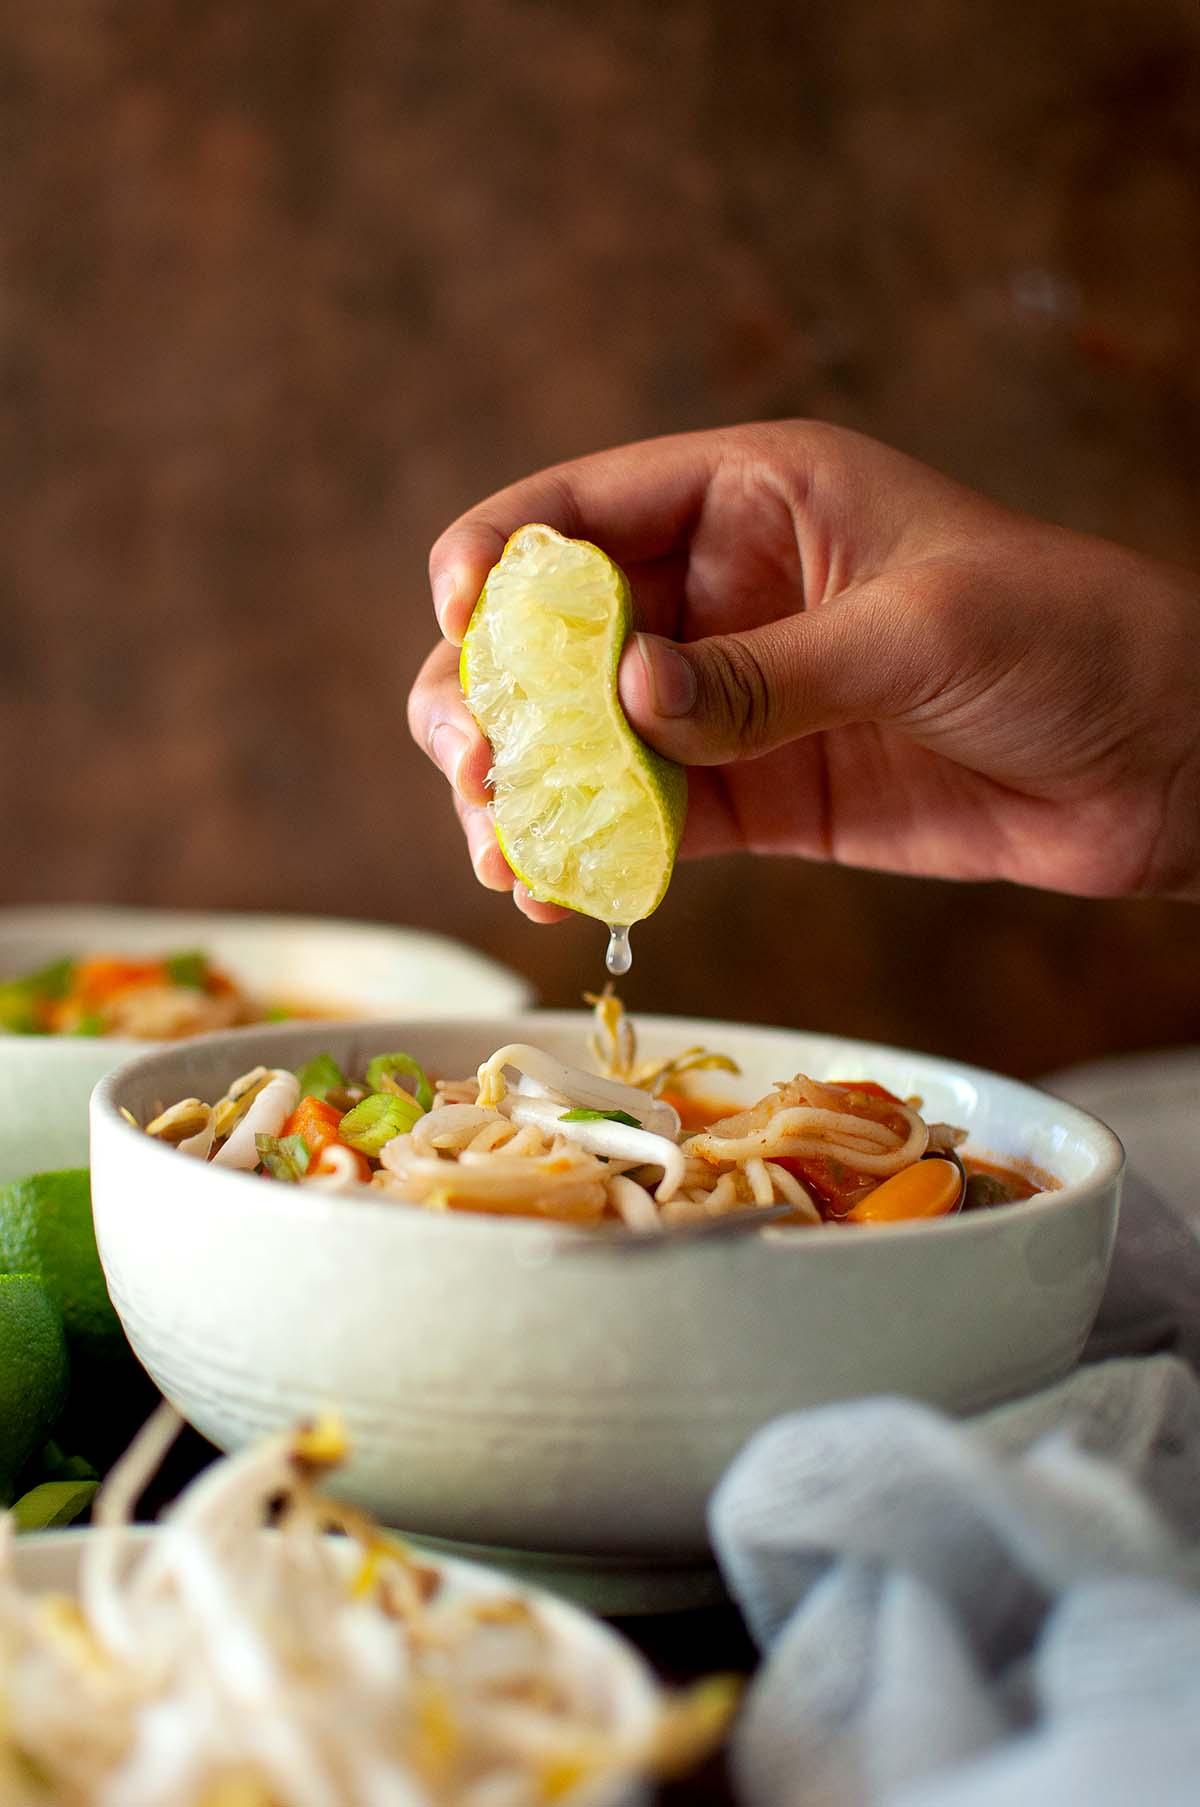 Hand drizzling lemon juice onto a bowl of noodle soup